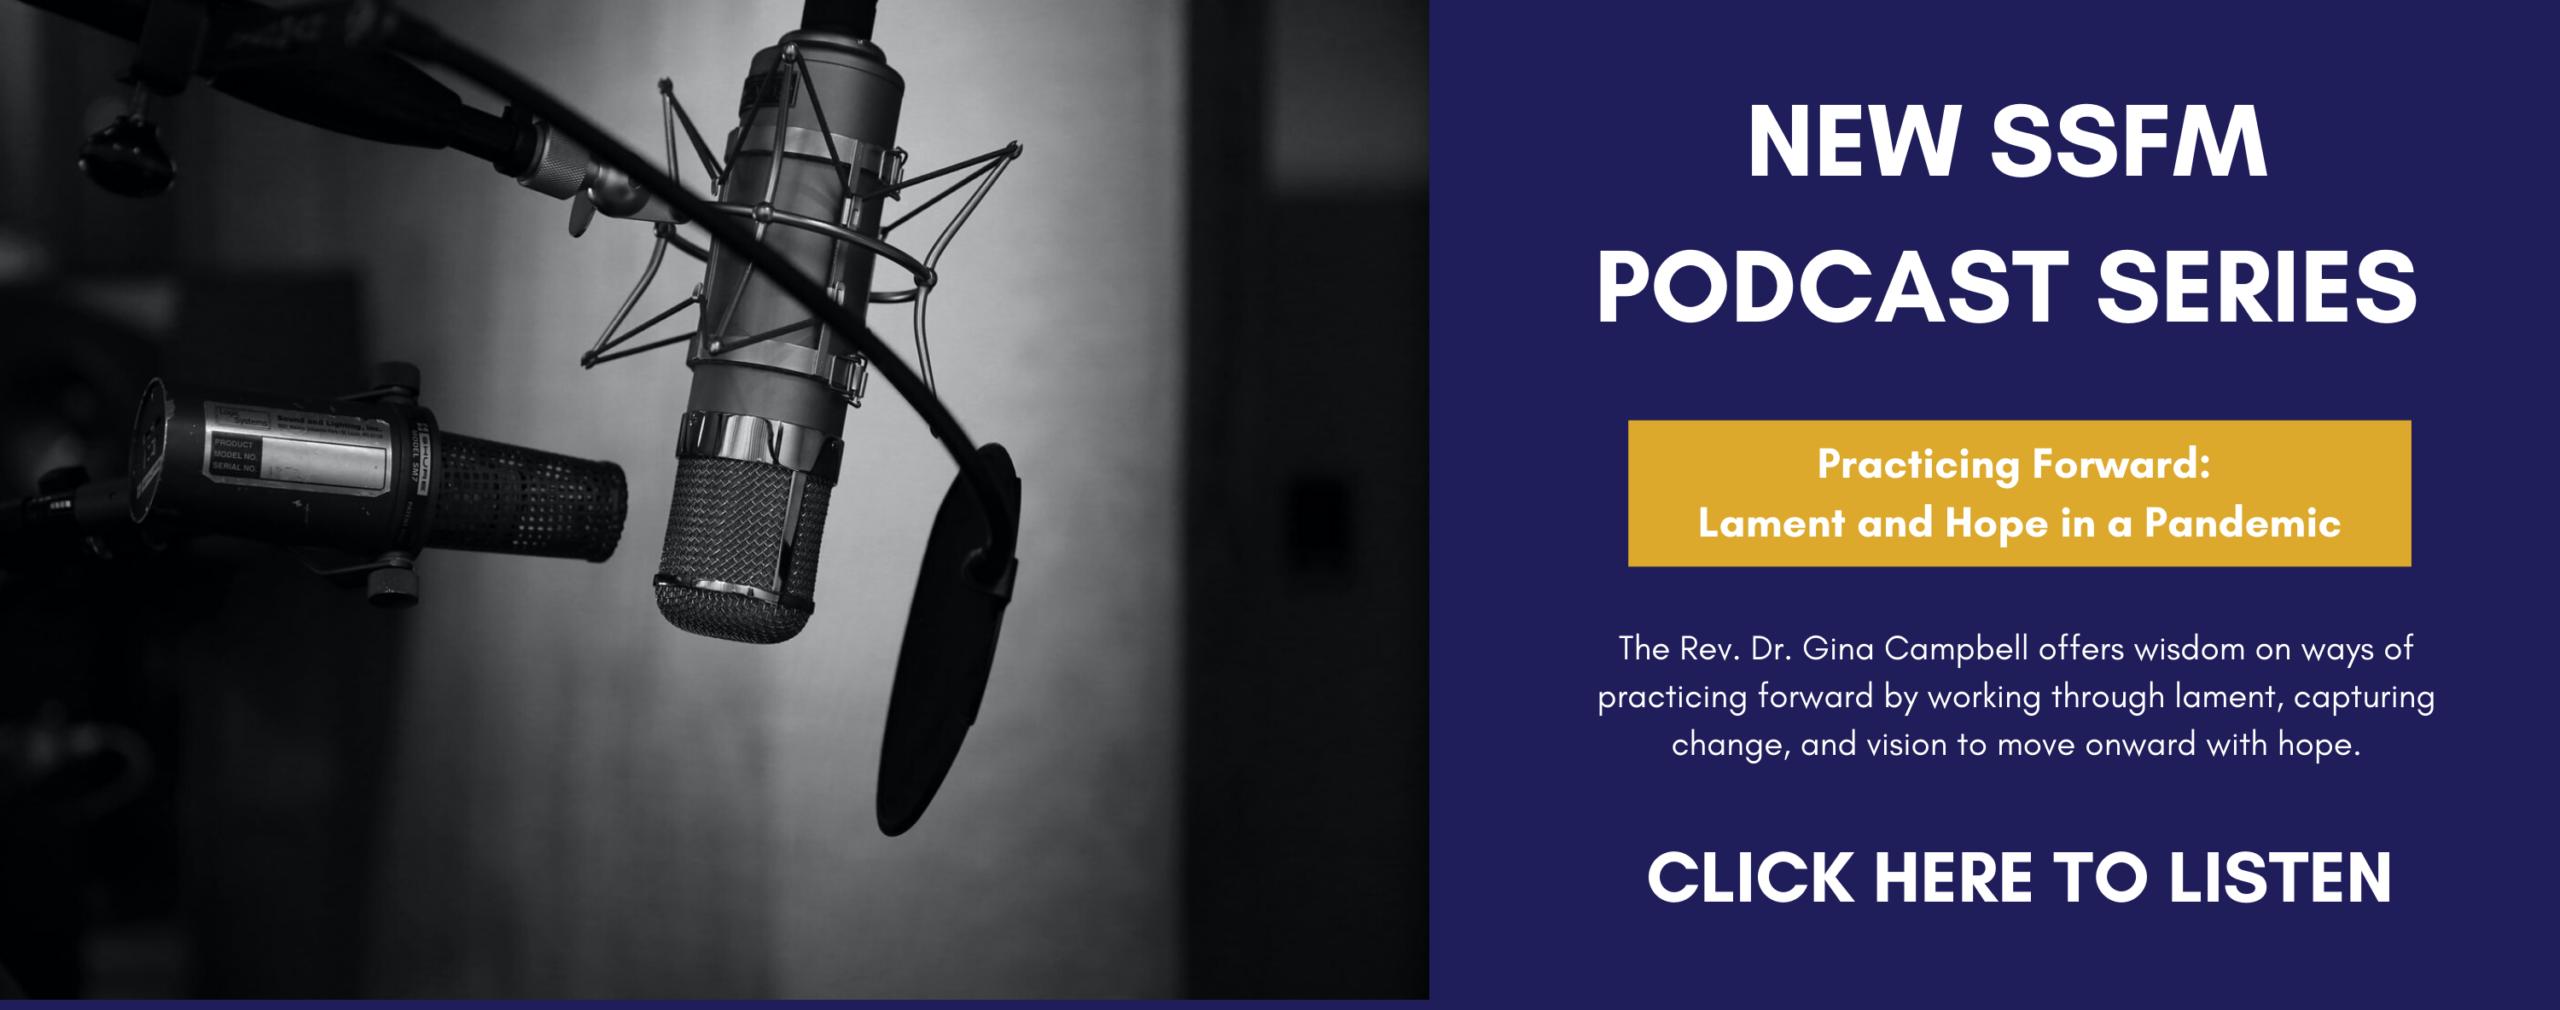 SSFM Podcast revised